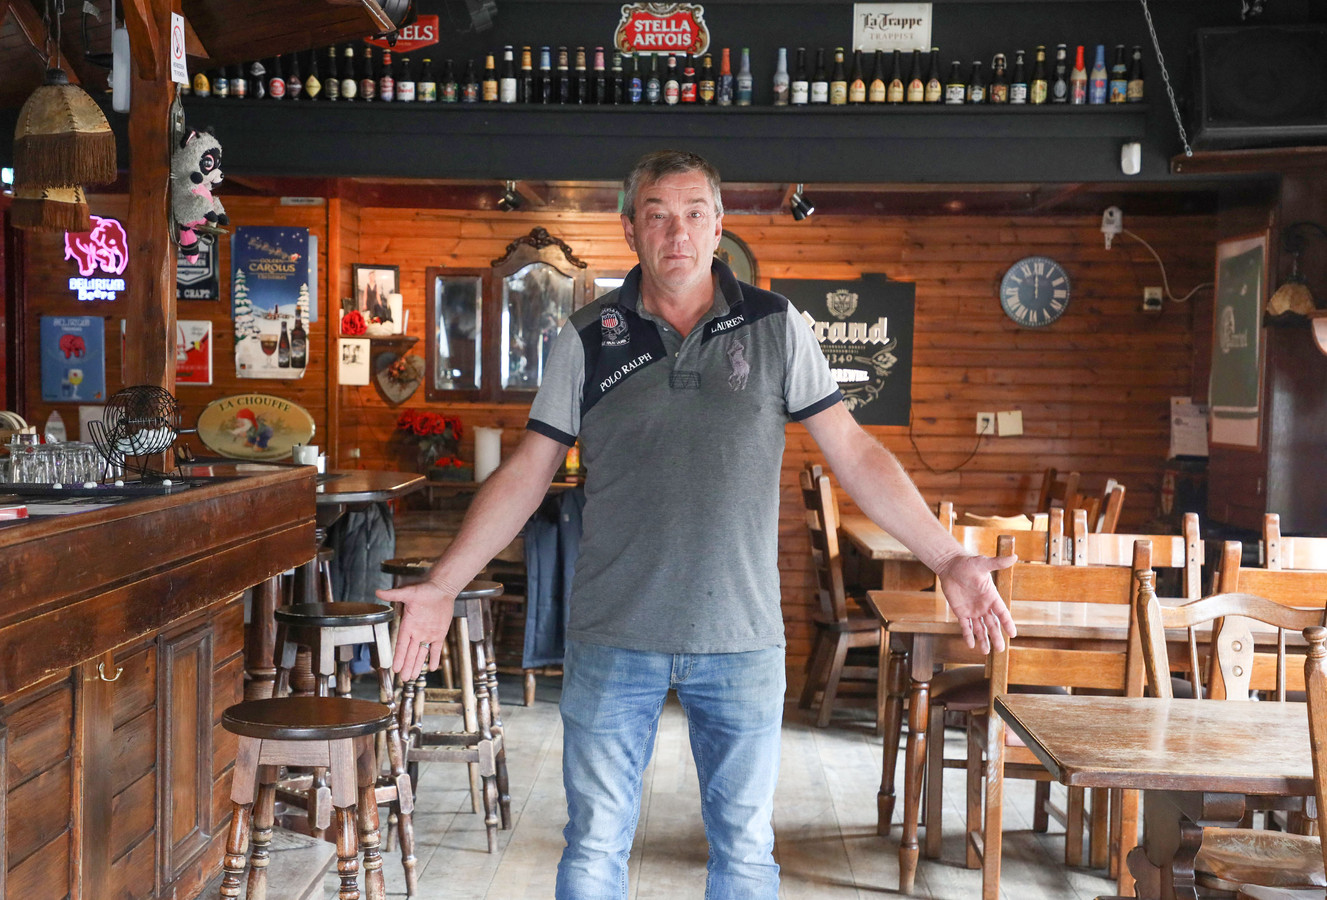 Cafebaas Marc van Calster in cafe 't Karrewiel